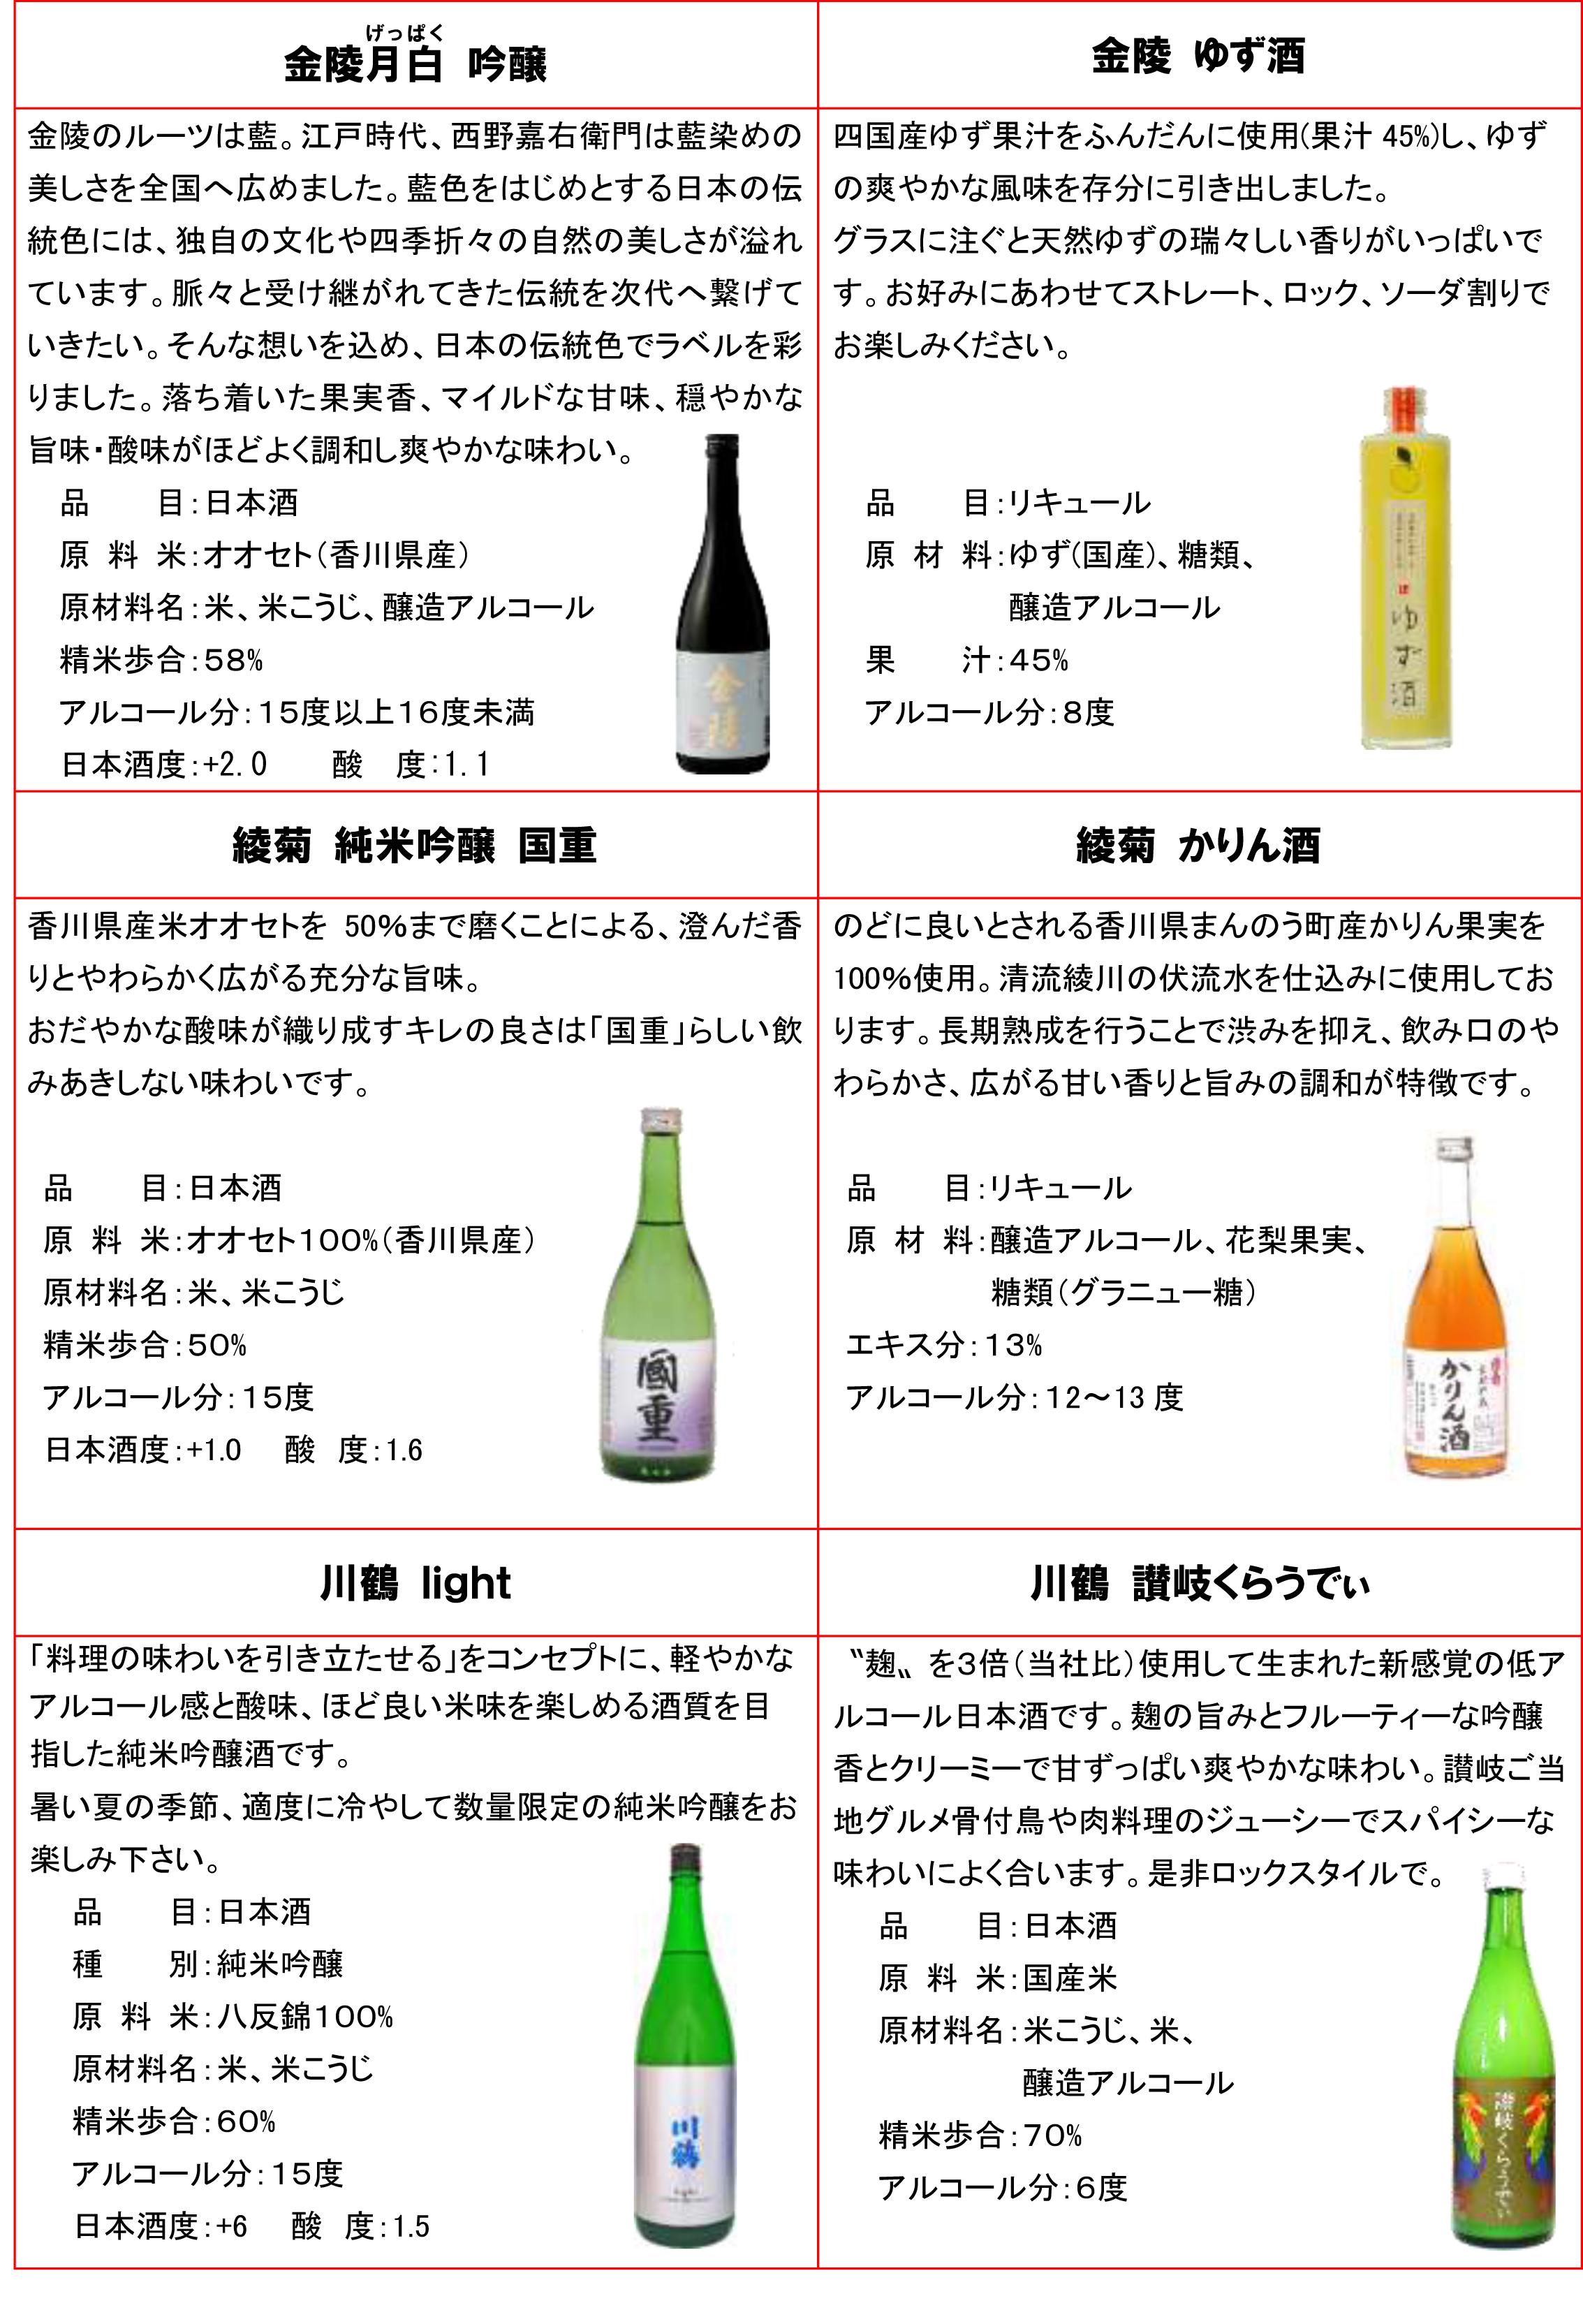 旬彩館試飲会20190614-2